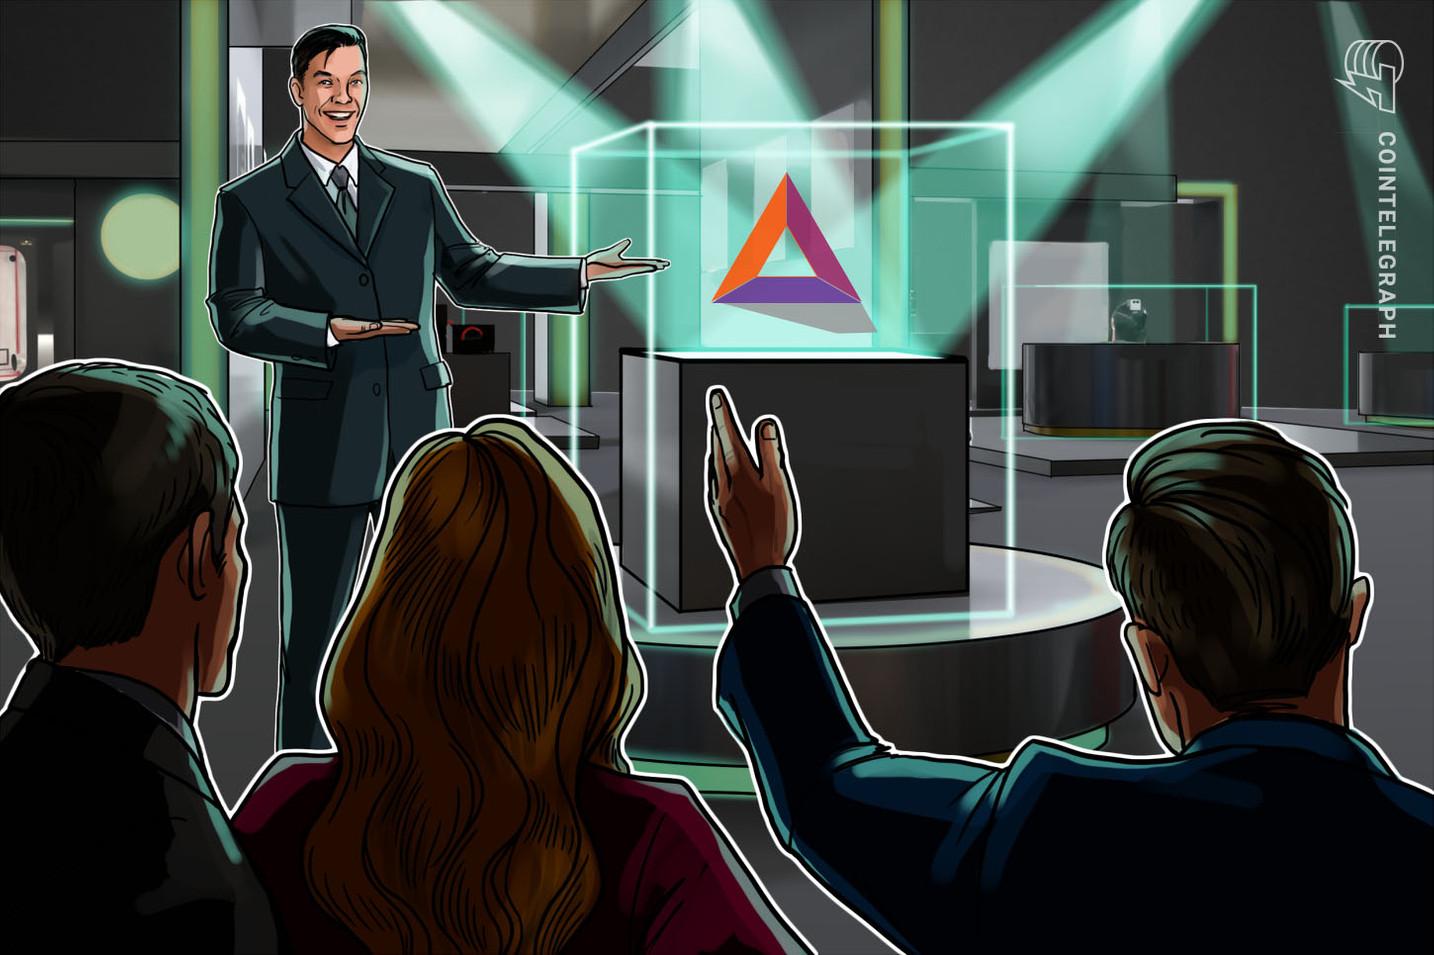 日本ユーザーもついに仮想通貨BATが入手可能に ビットフライヤーとブレイブが提携しウォレット開発